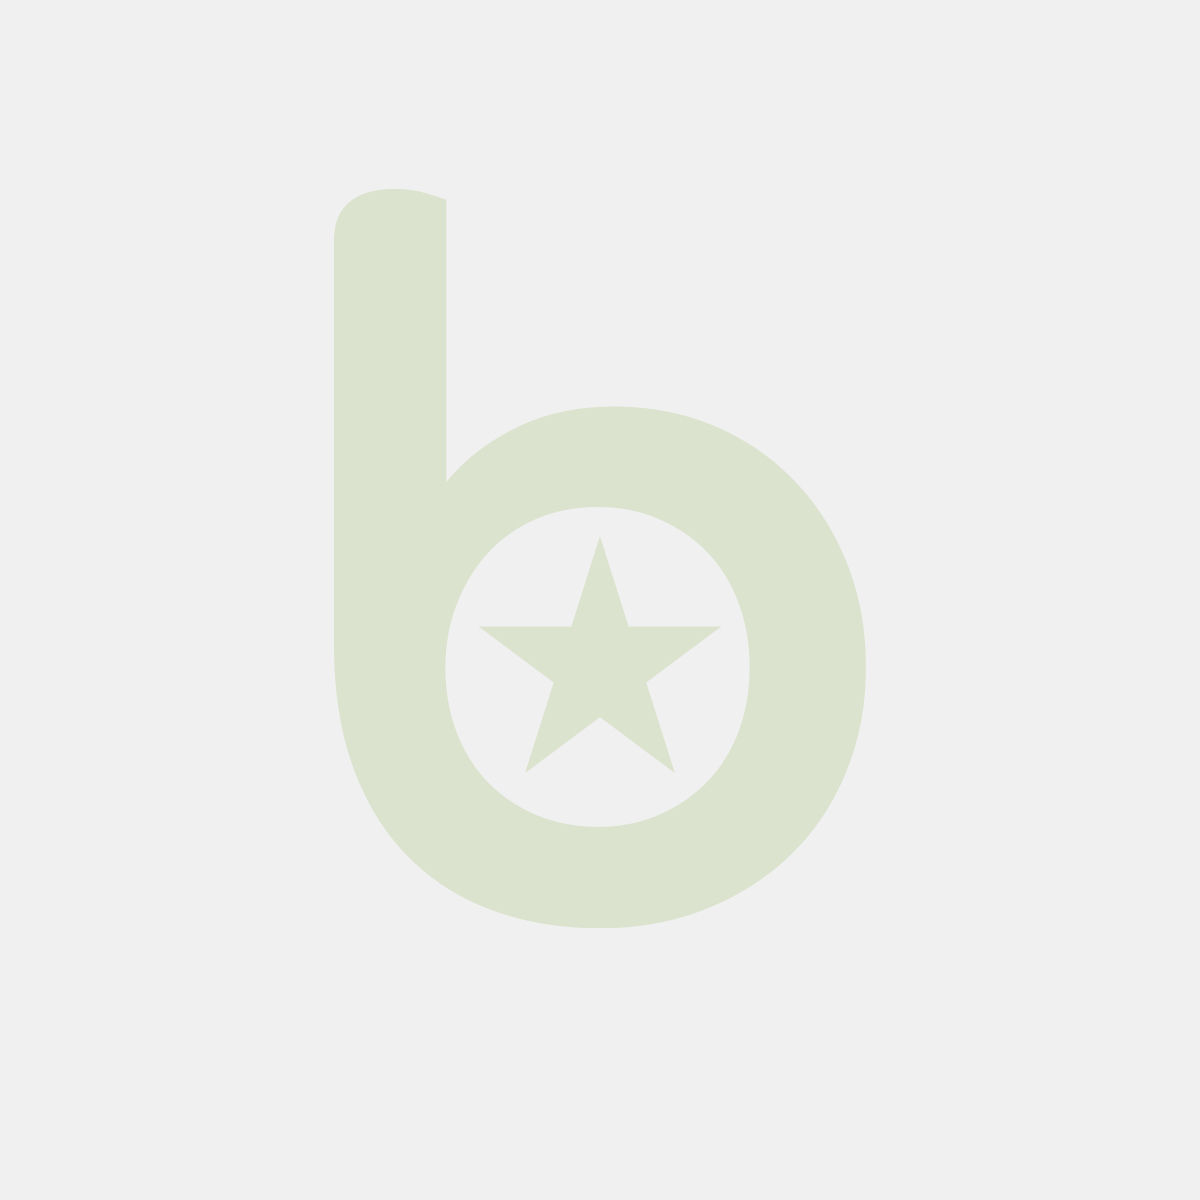 GREENBAG torba PP Słoneczniki 20L 320x220x280mm